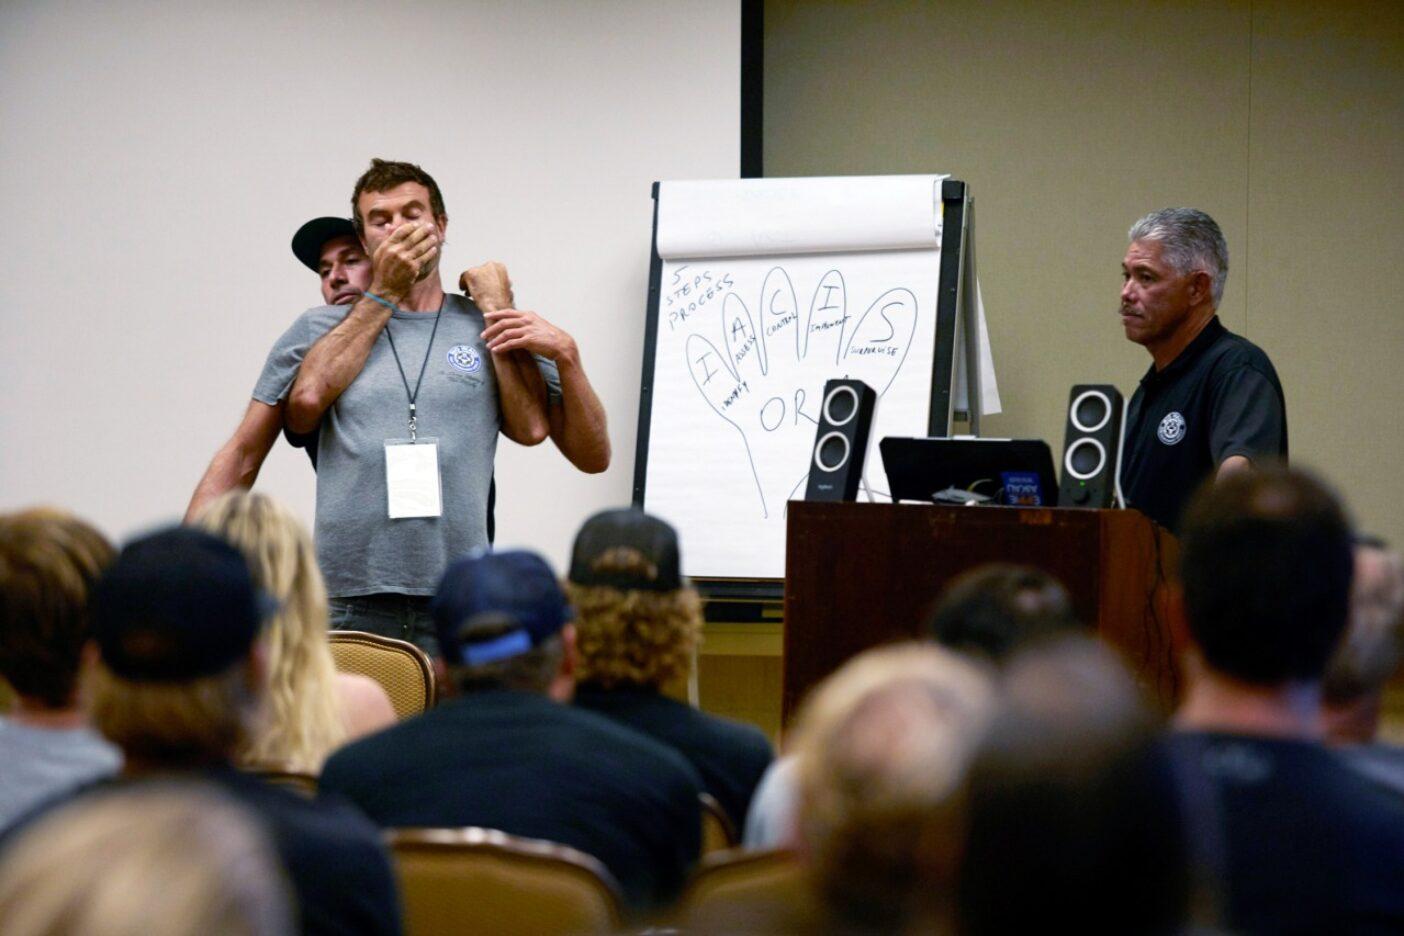 タートル・ベイで開催されたBWRAGの講習会でデモンストレーションを行うコール・クリステンセン。オアフ島ノースショア Photo : Ryan Foley